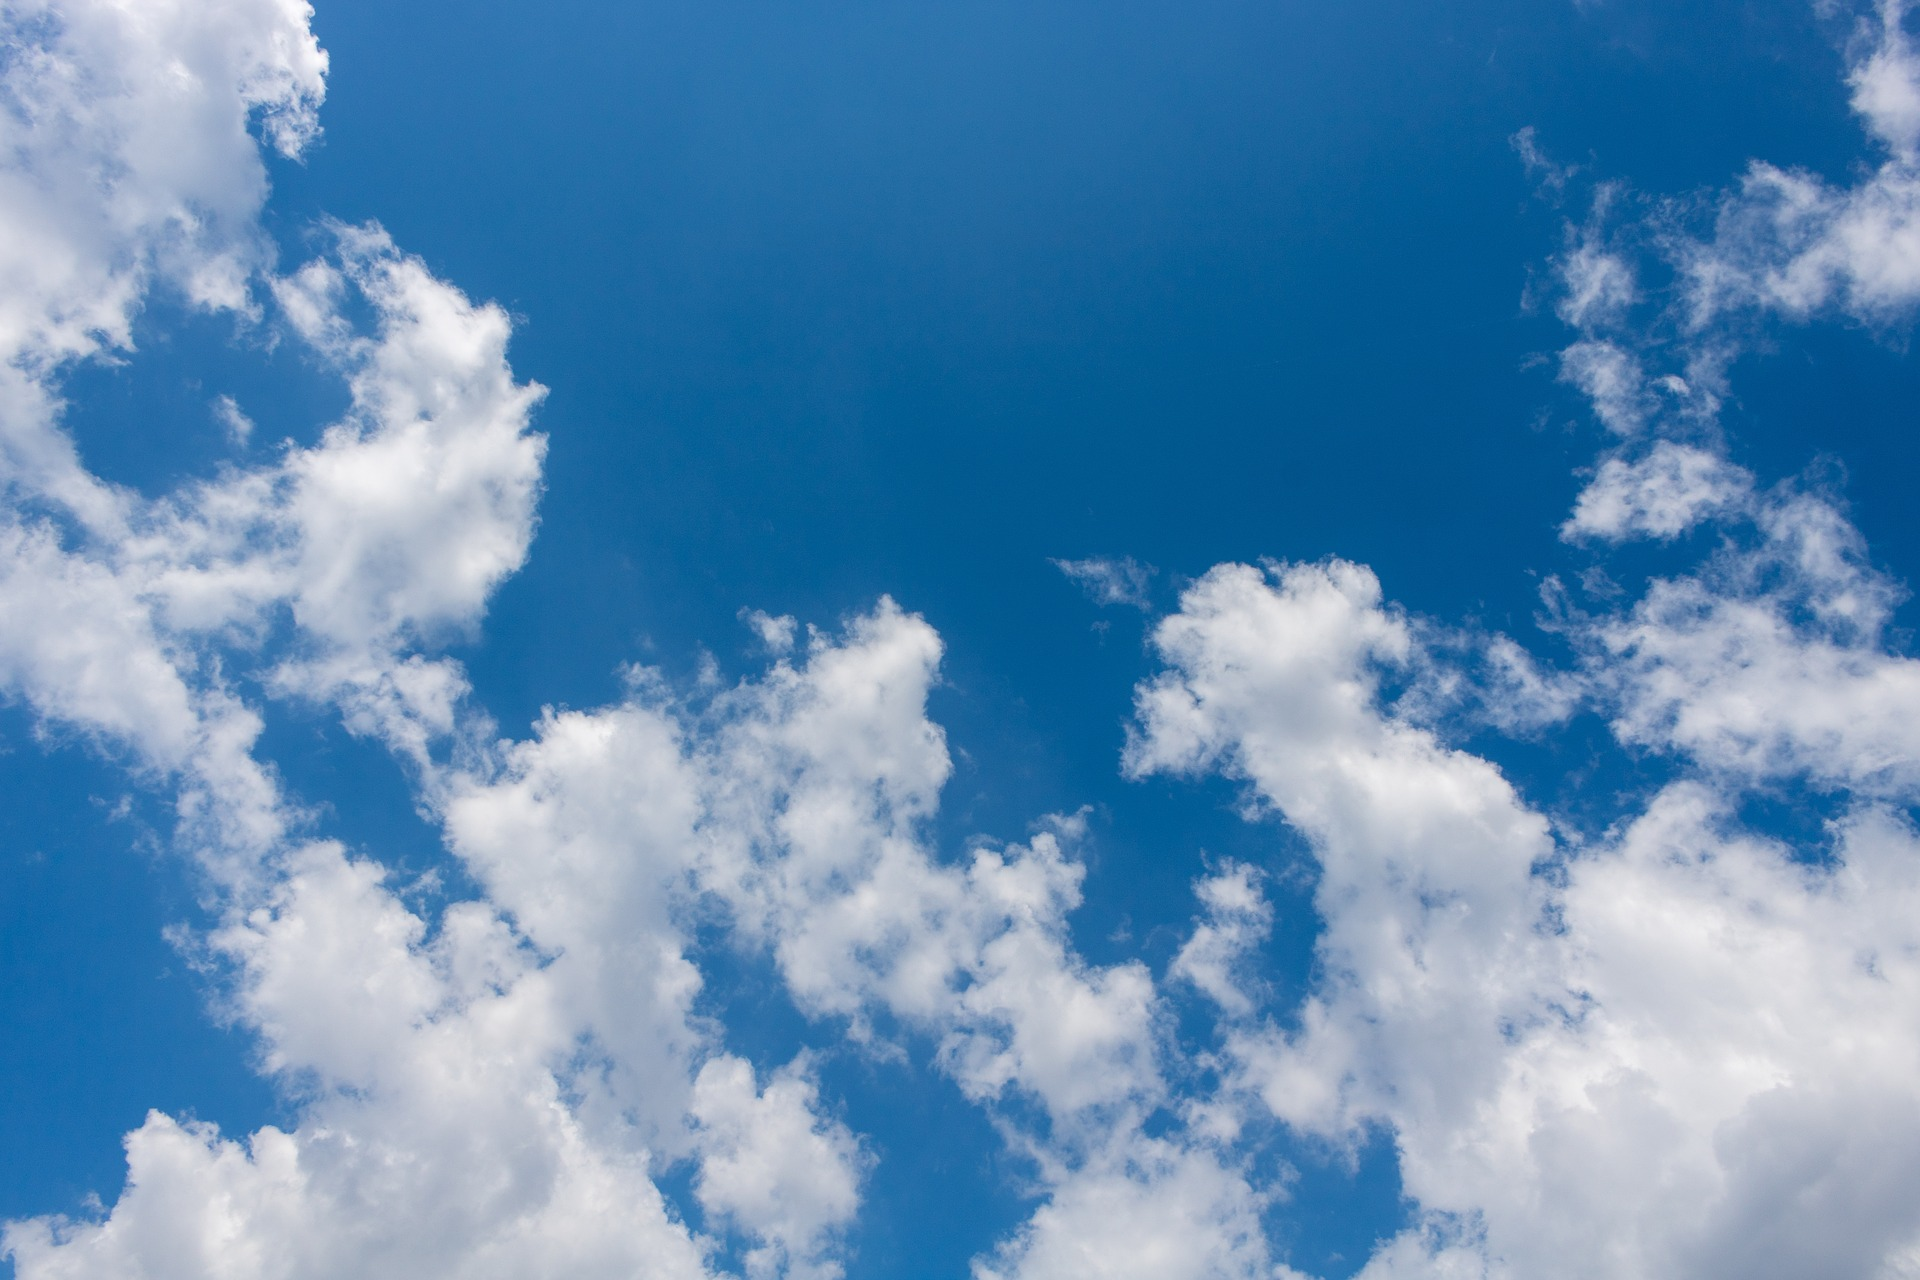 clouds-3404728_1920